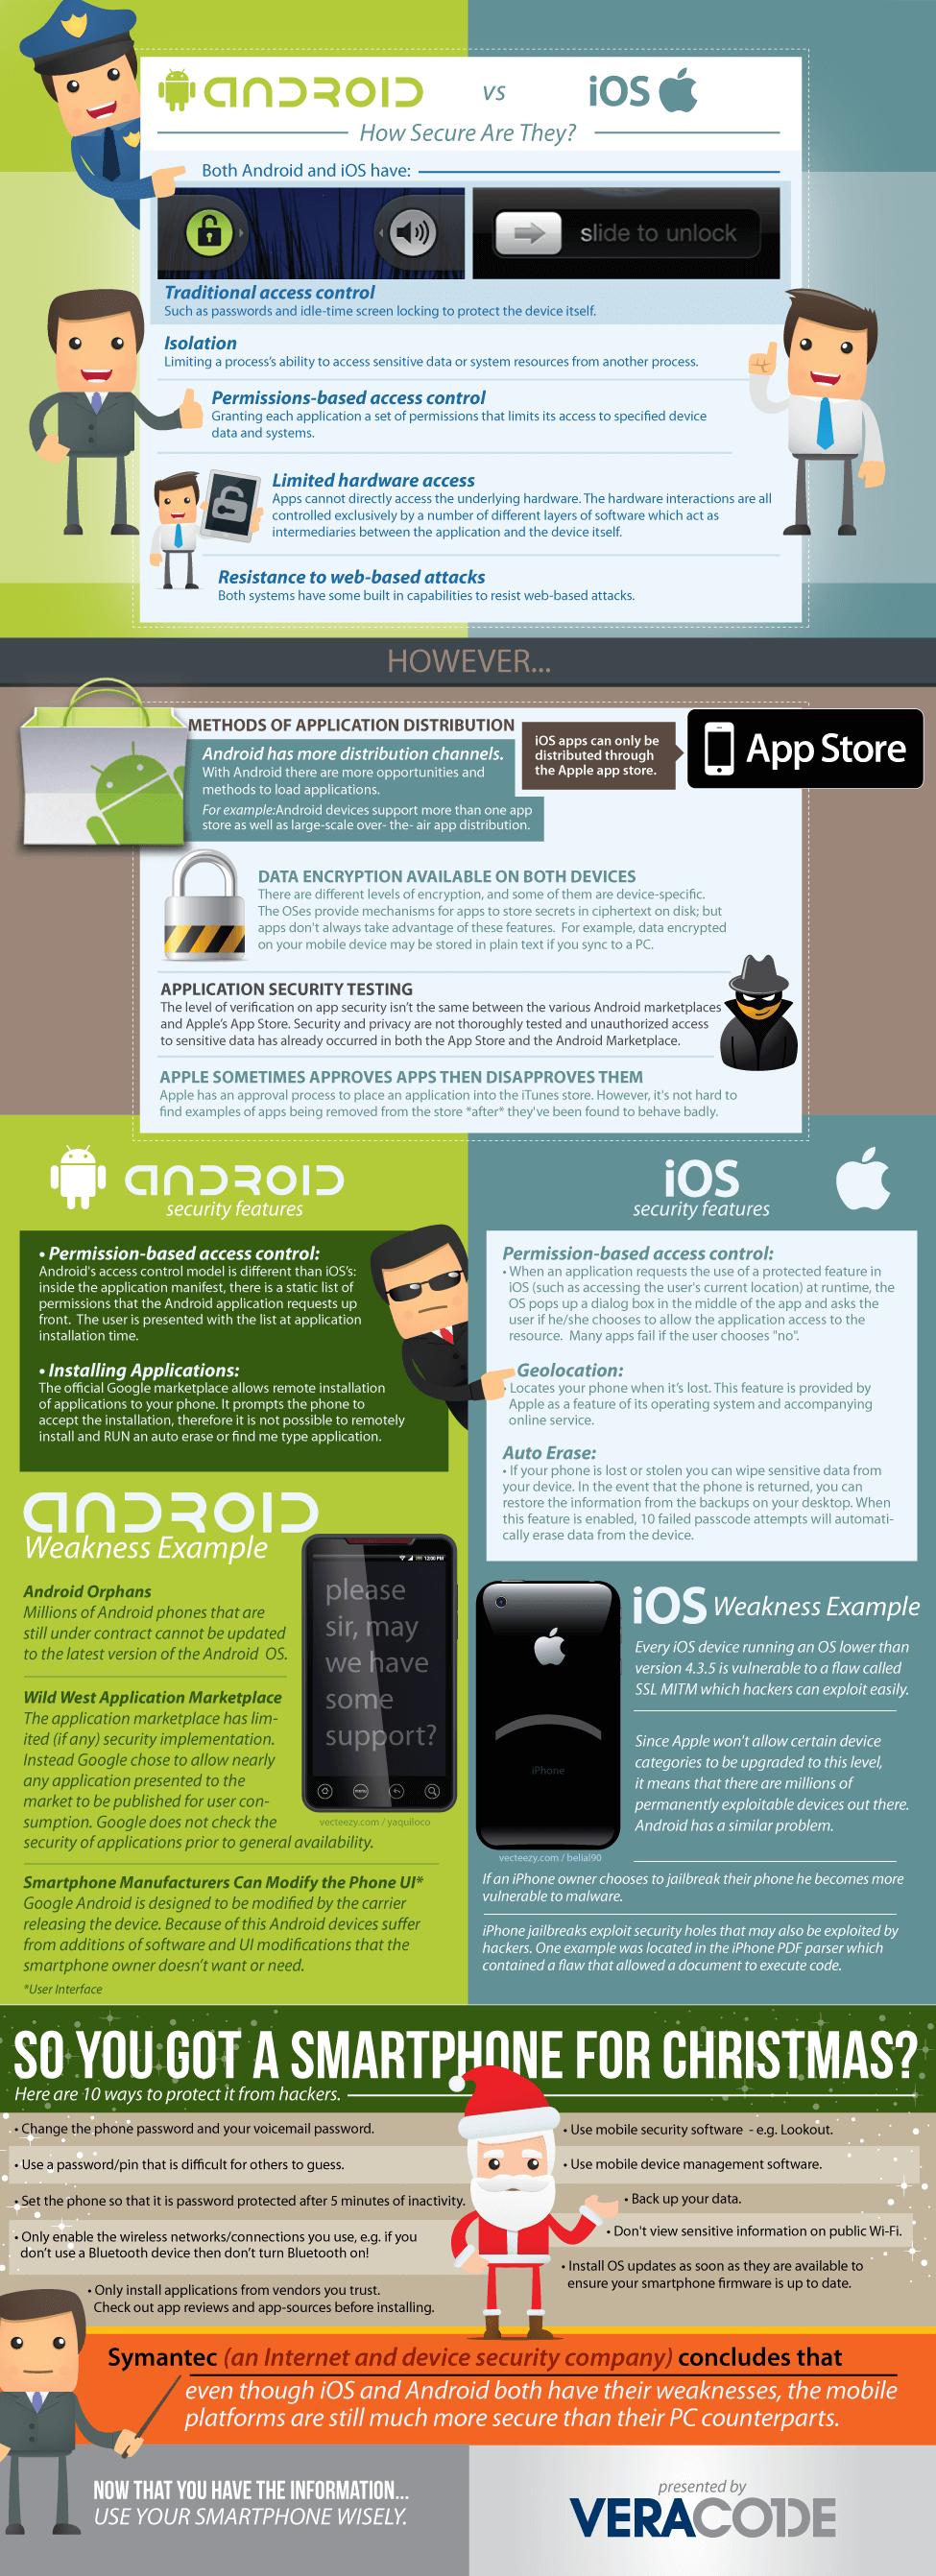 Sicherheit: Android und iOS im Vergleich